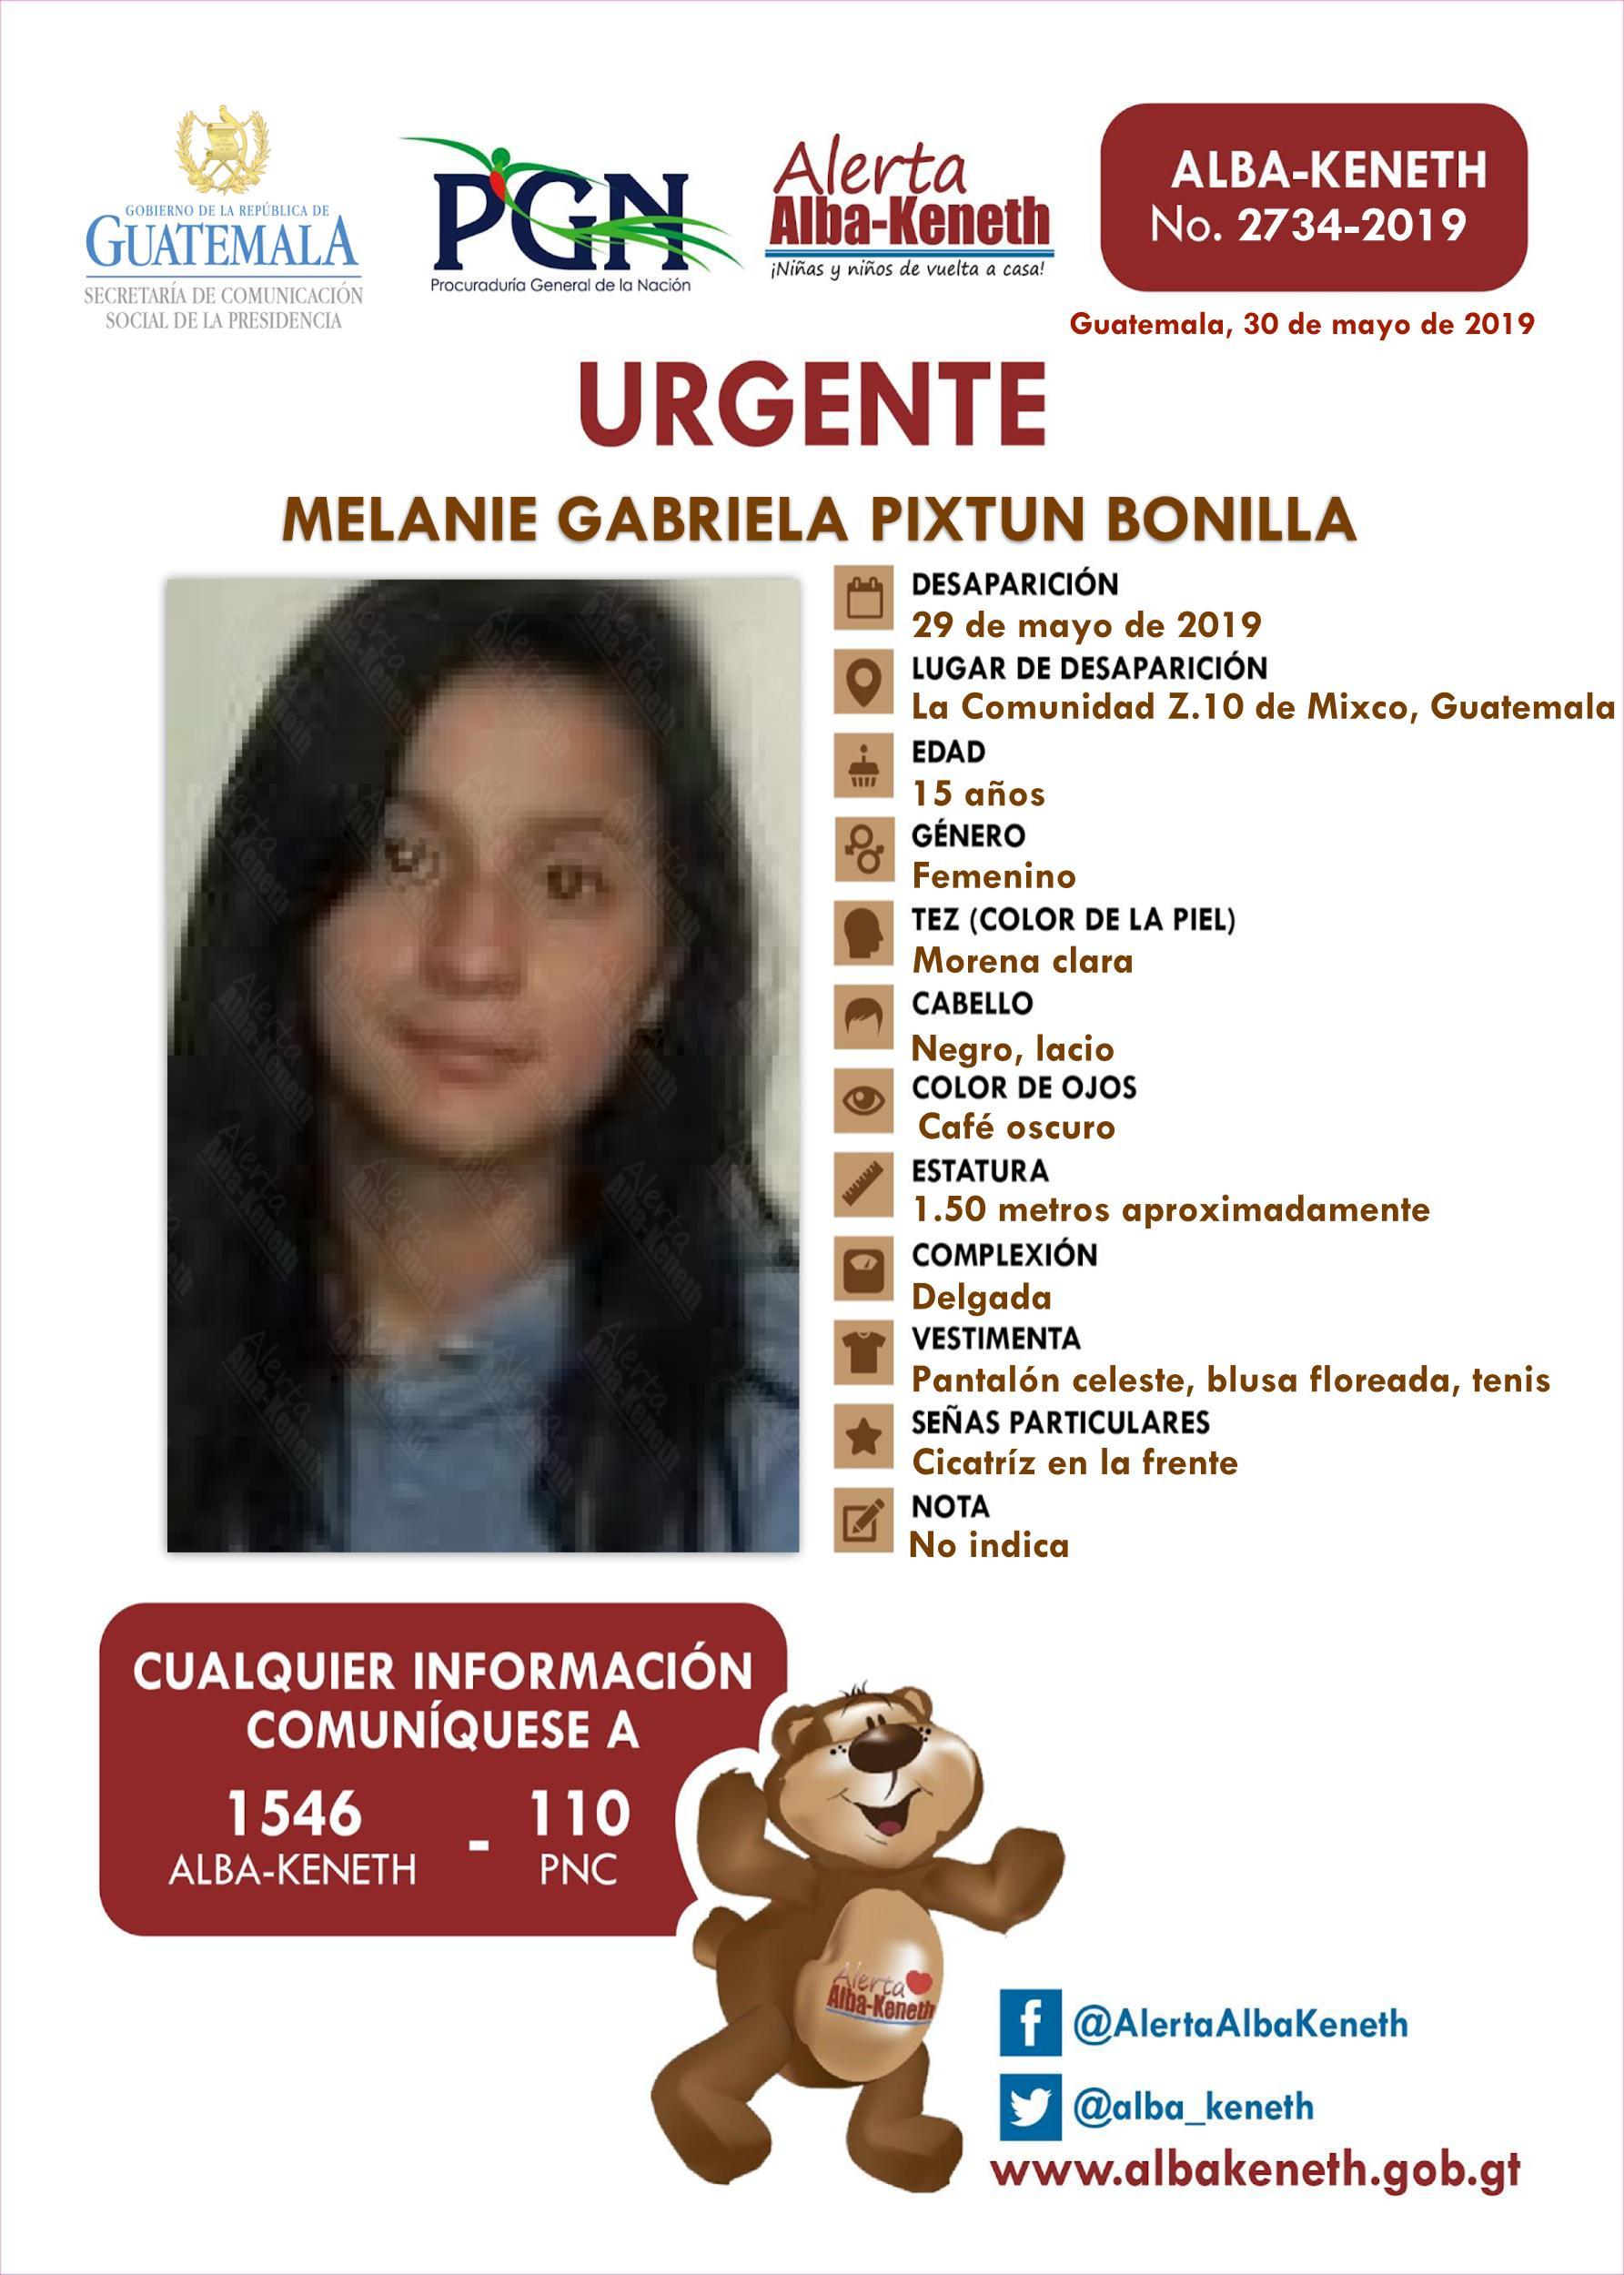 Melanie Gabriela Pixtun Bonilla